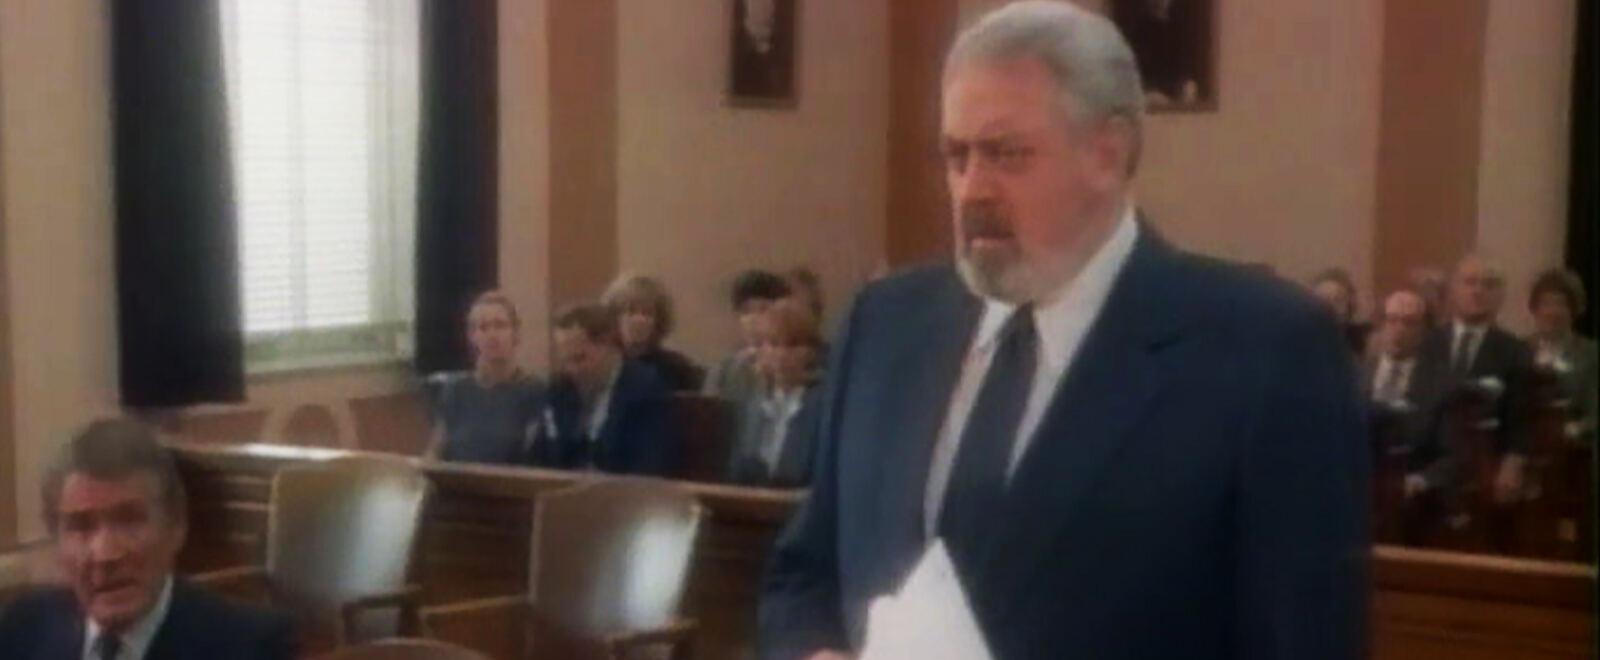 Perry Mason: Per un antico amore